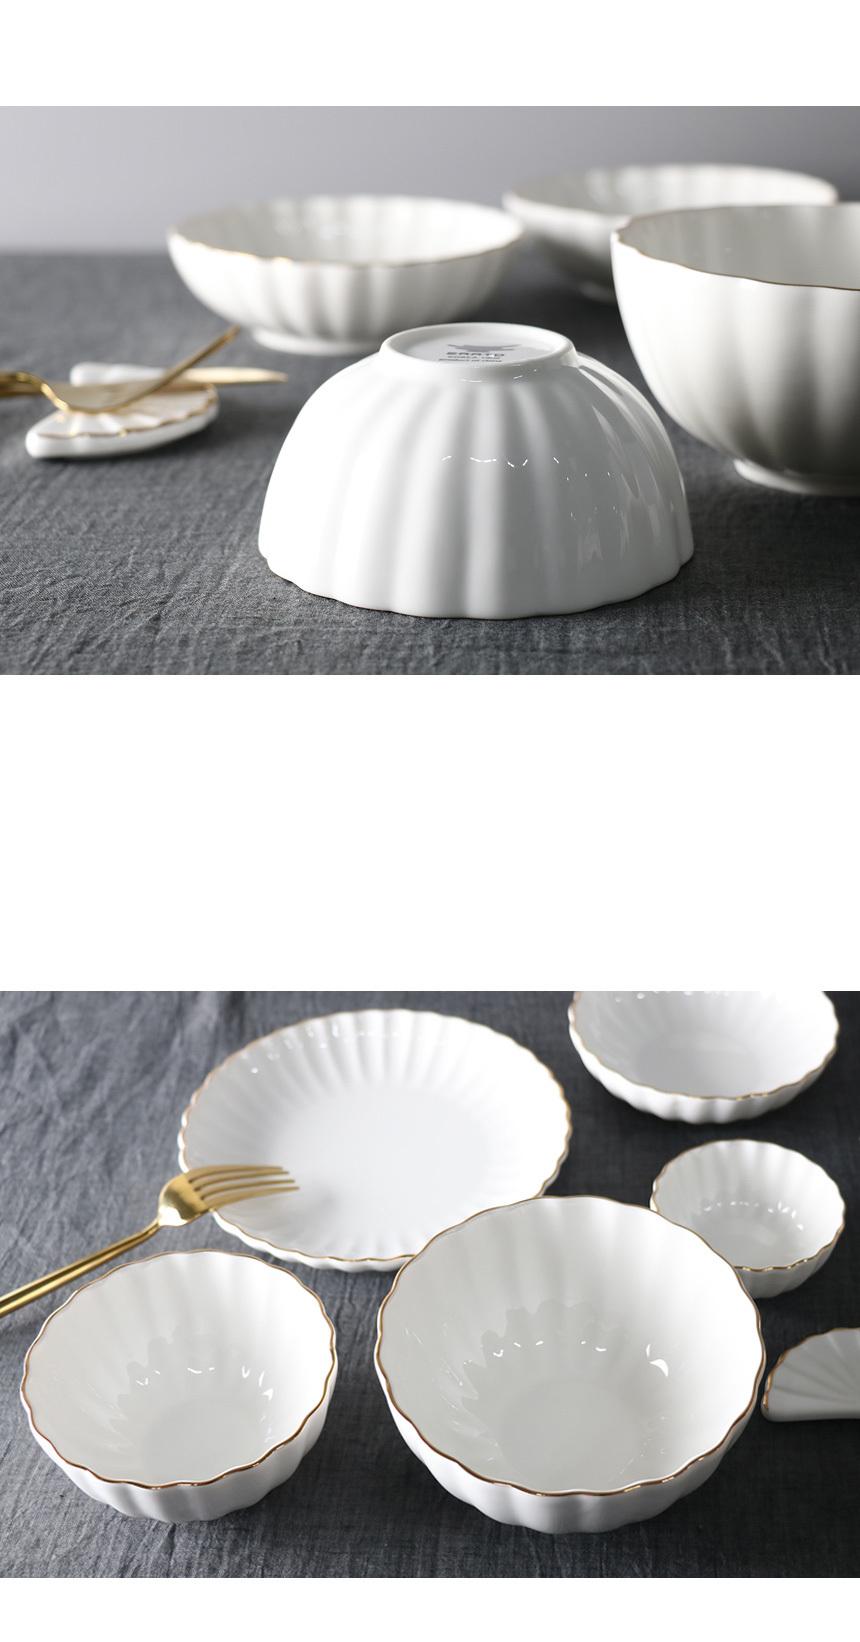 코튼 공기 대접 1P - 키친몰링, 5,500원, 밥공기/국공기, 밥공기